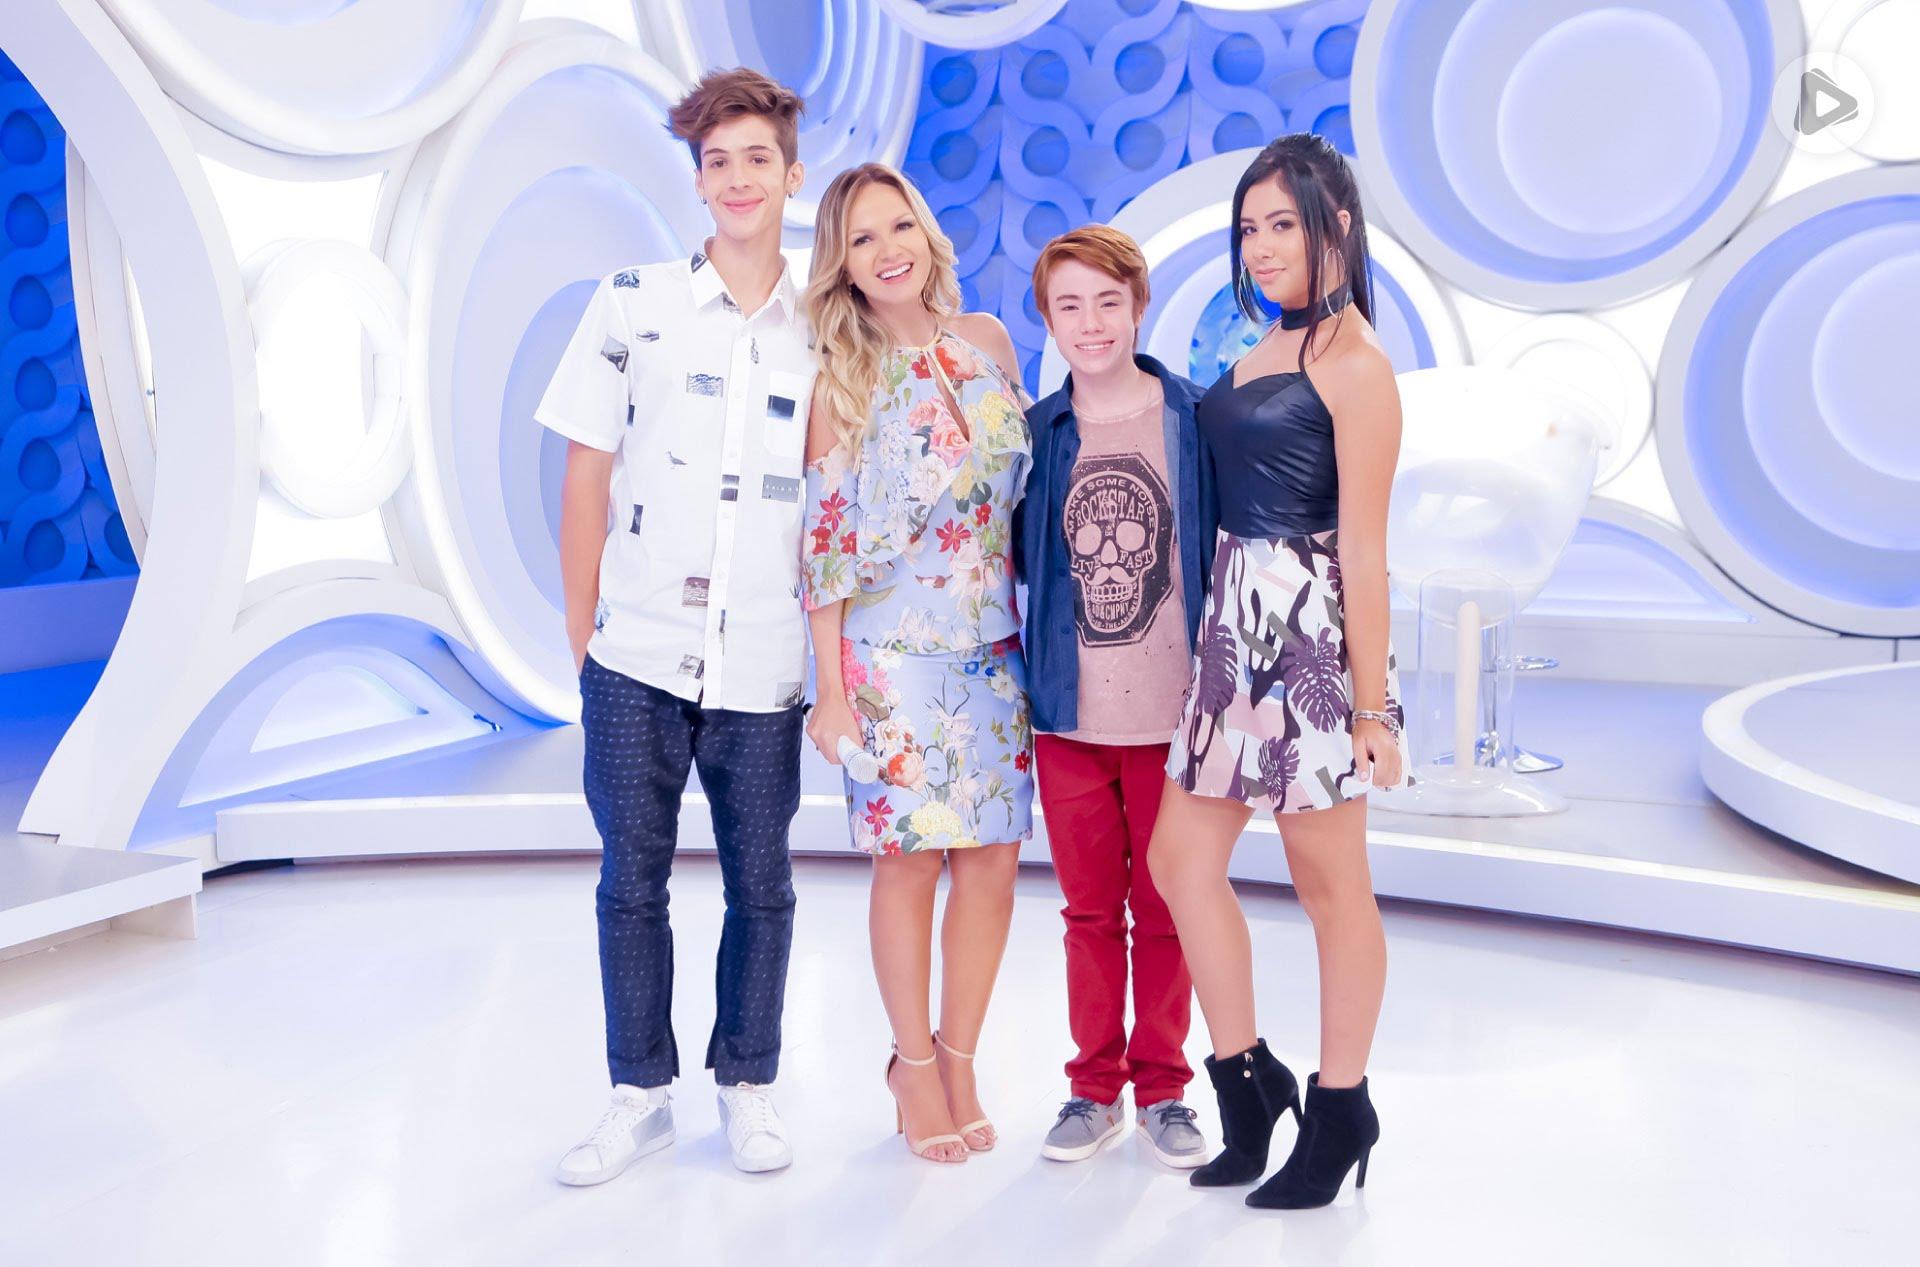 João Guilherme, Eliana, Matheus Ueta E Cinthia Cruz